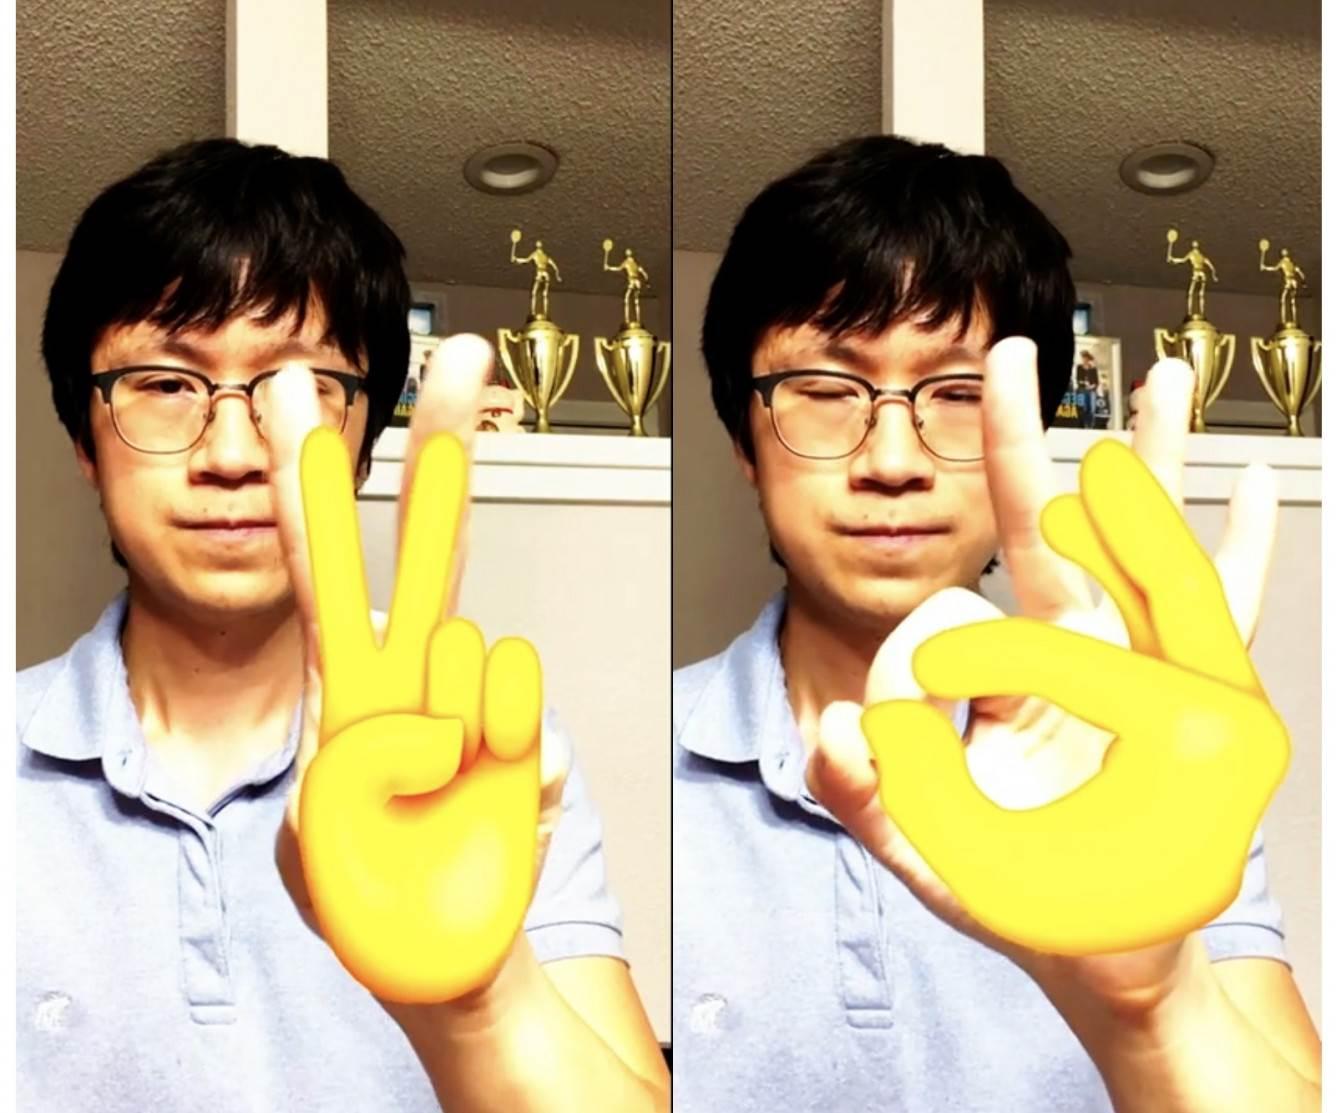 Systemy iOS 14 i macOS Big Sur rozpoznają pozycję i gesty użytkowników polecane, ciekawostki rozpoznawanie gestów, macOS Big Sur, iOS 14  Wraz z wydaniem iOS 14 i macOS Big Sur programiści będą mogli korzystać z funkcji rozpoznawania pozycji ciała i dłoni w aplikacjach, korzystając ze zaktualizowanej platformy Apple Vision. apple vision framework hand emoji